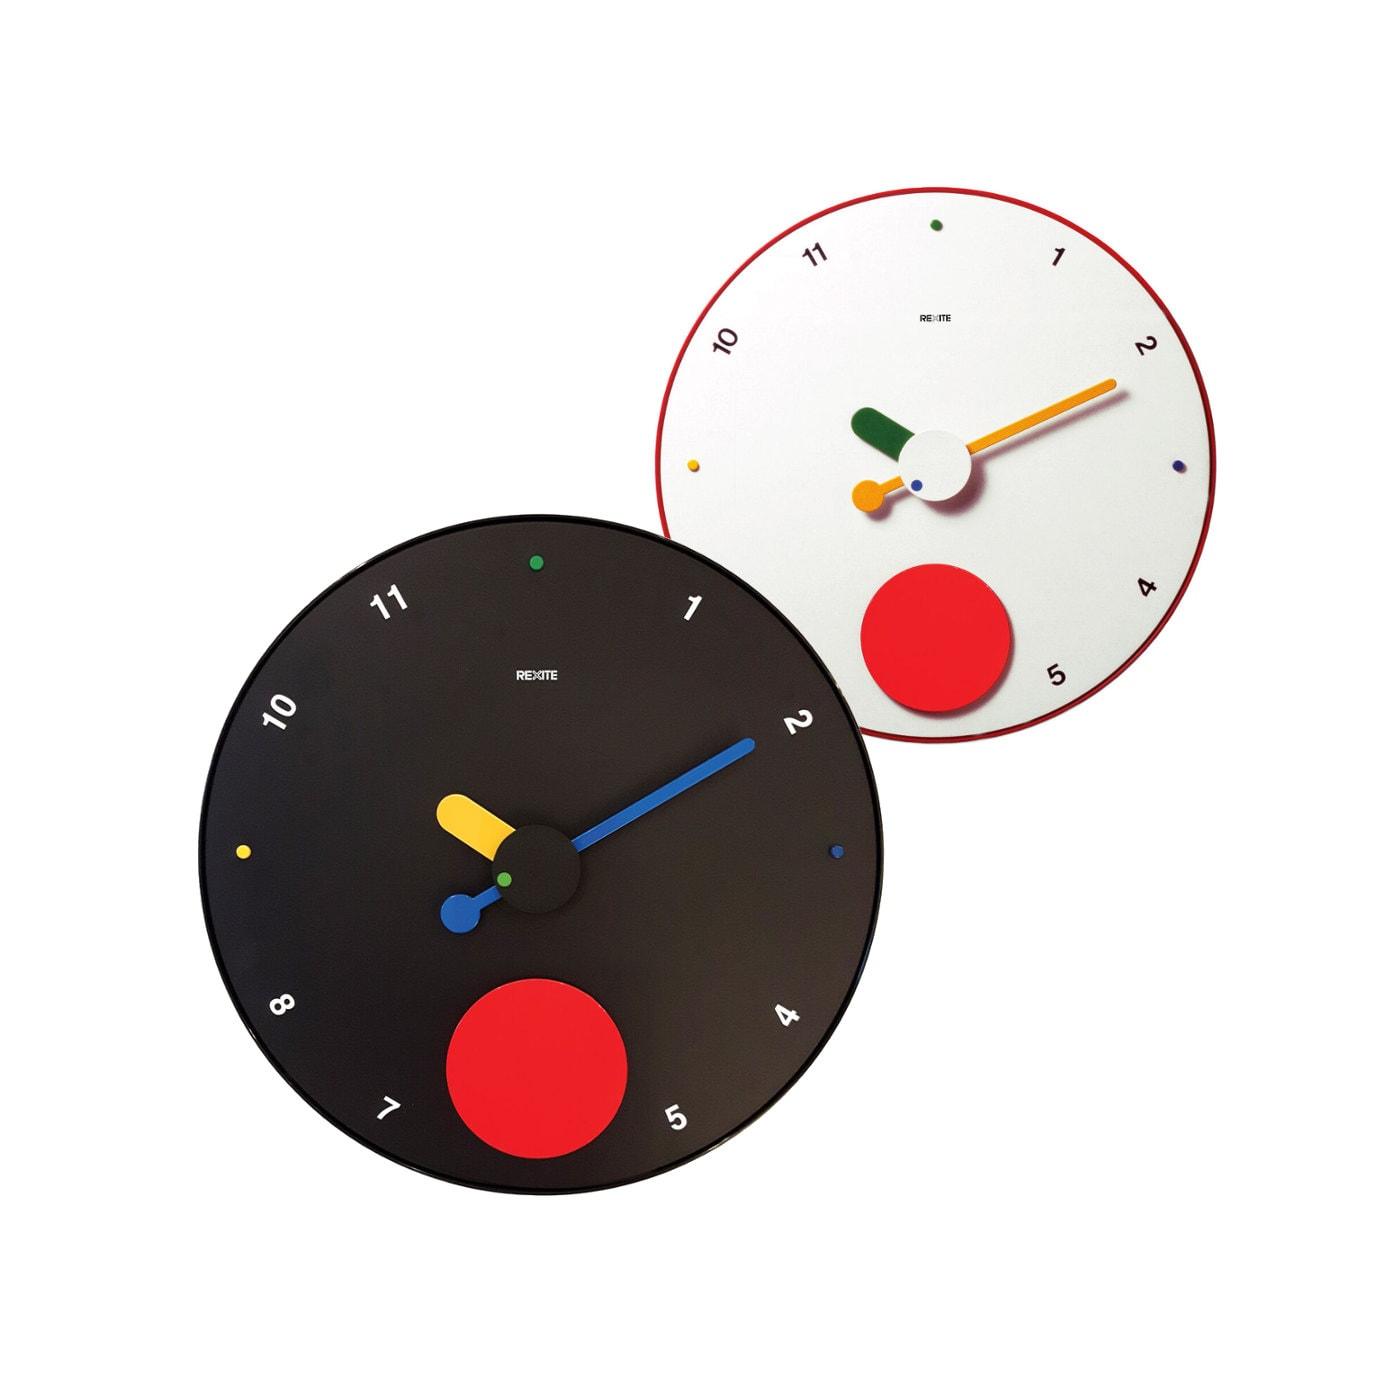 REXITE Contrattempo orologio pendolo